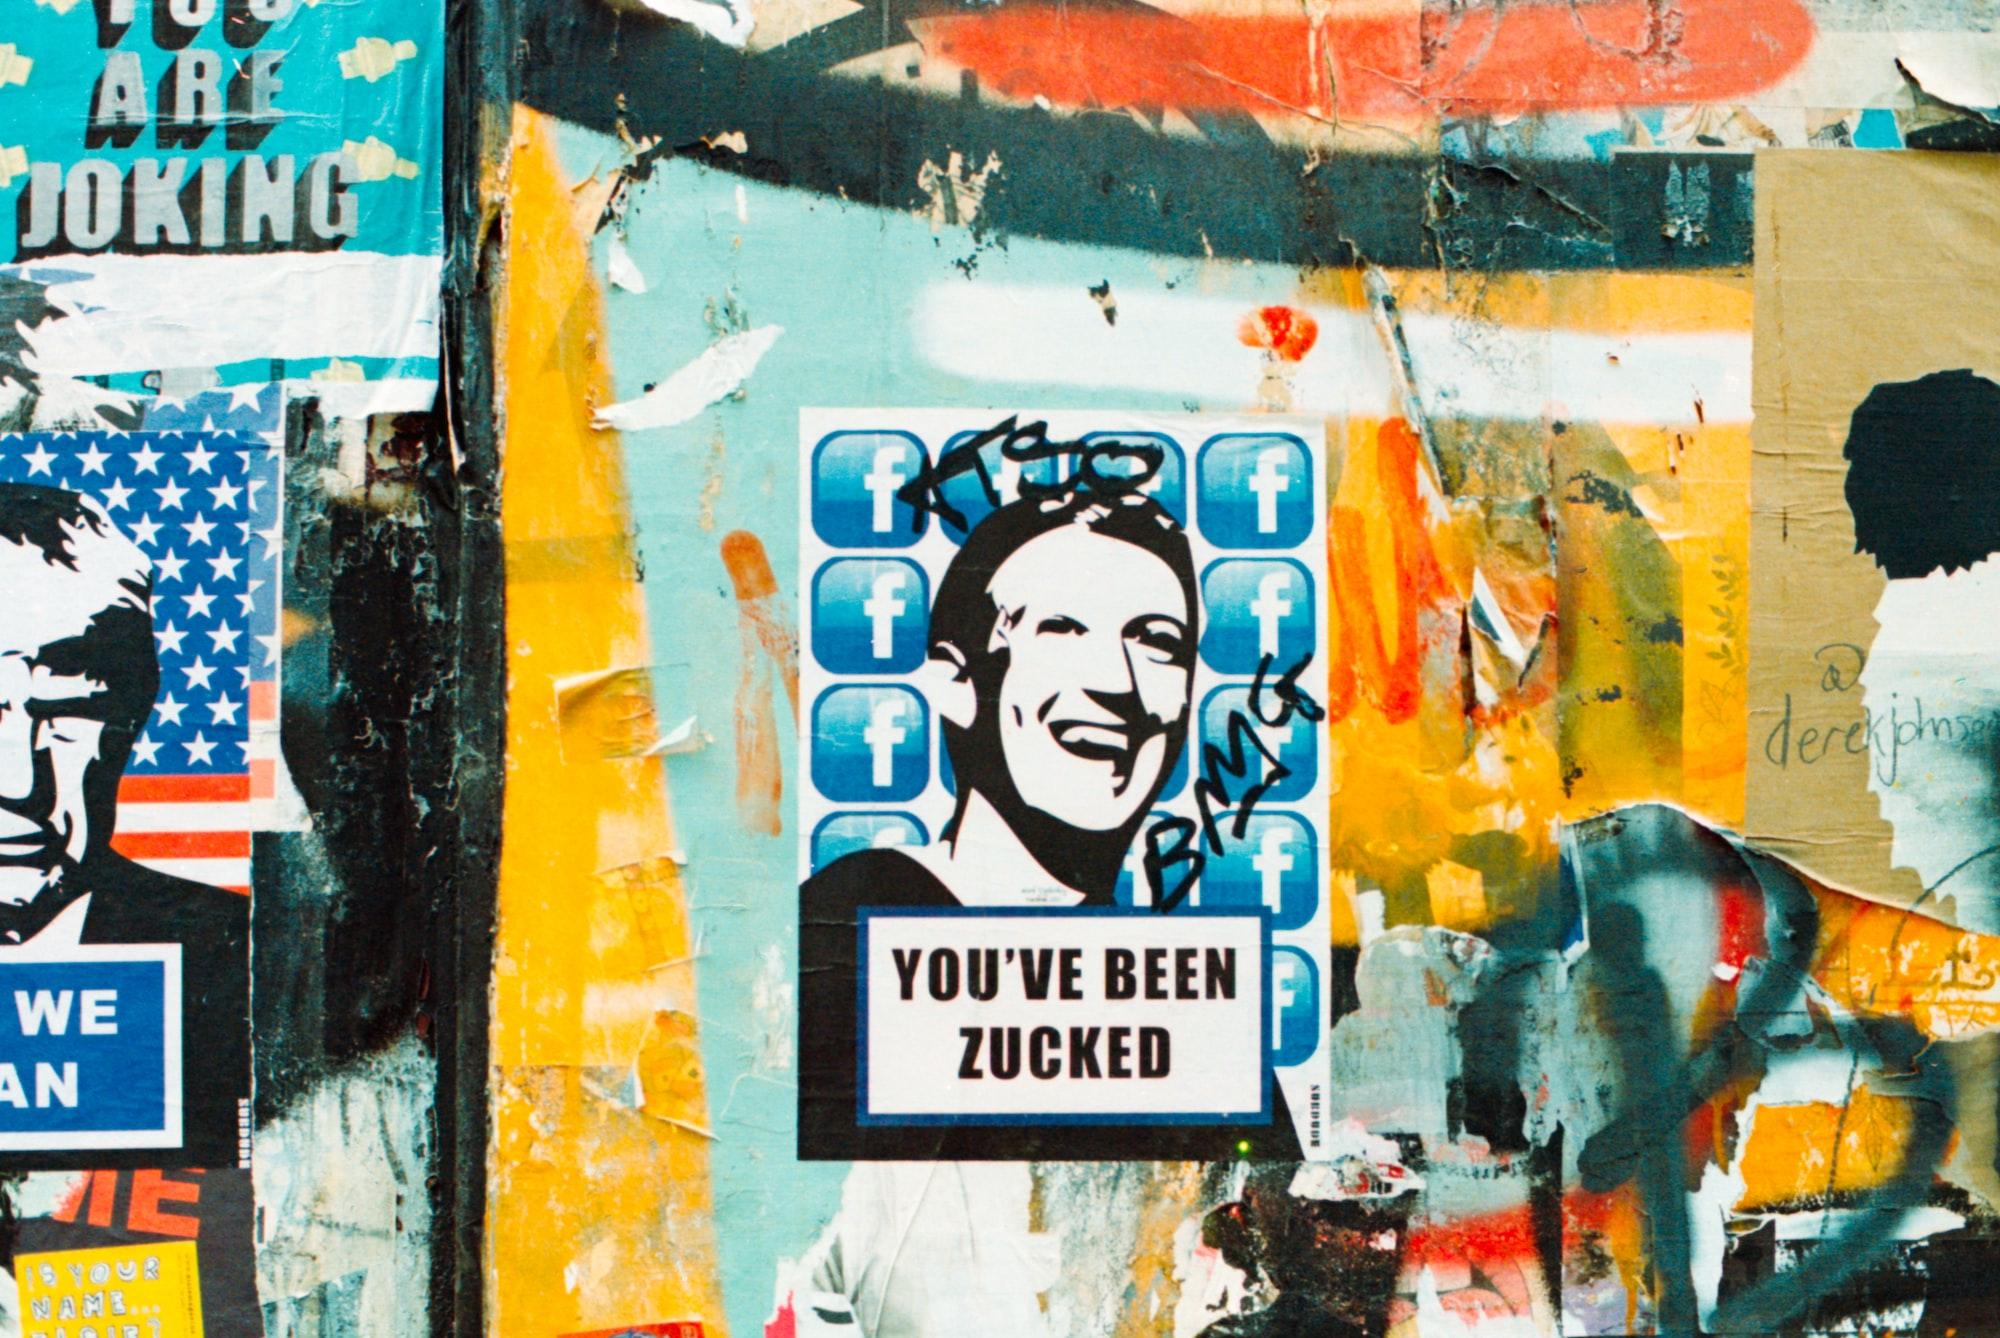 Das ethische Dilemma mit Facebook und warum ich nicht mehr aktiv bin auf der Plattform